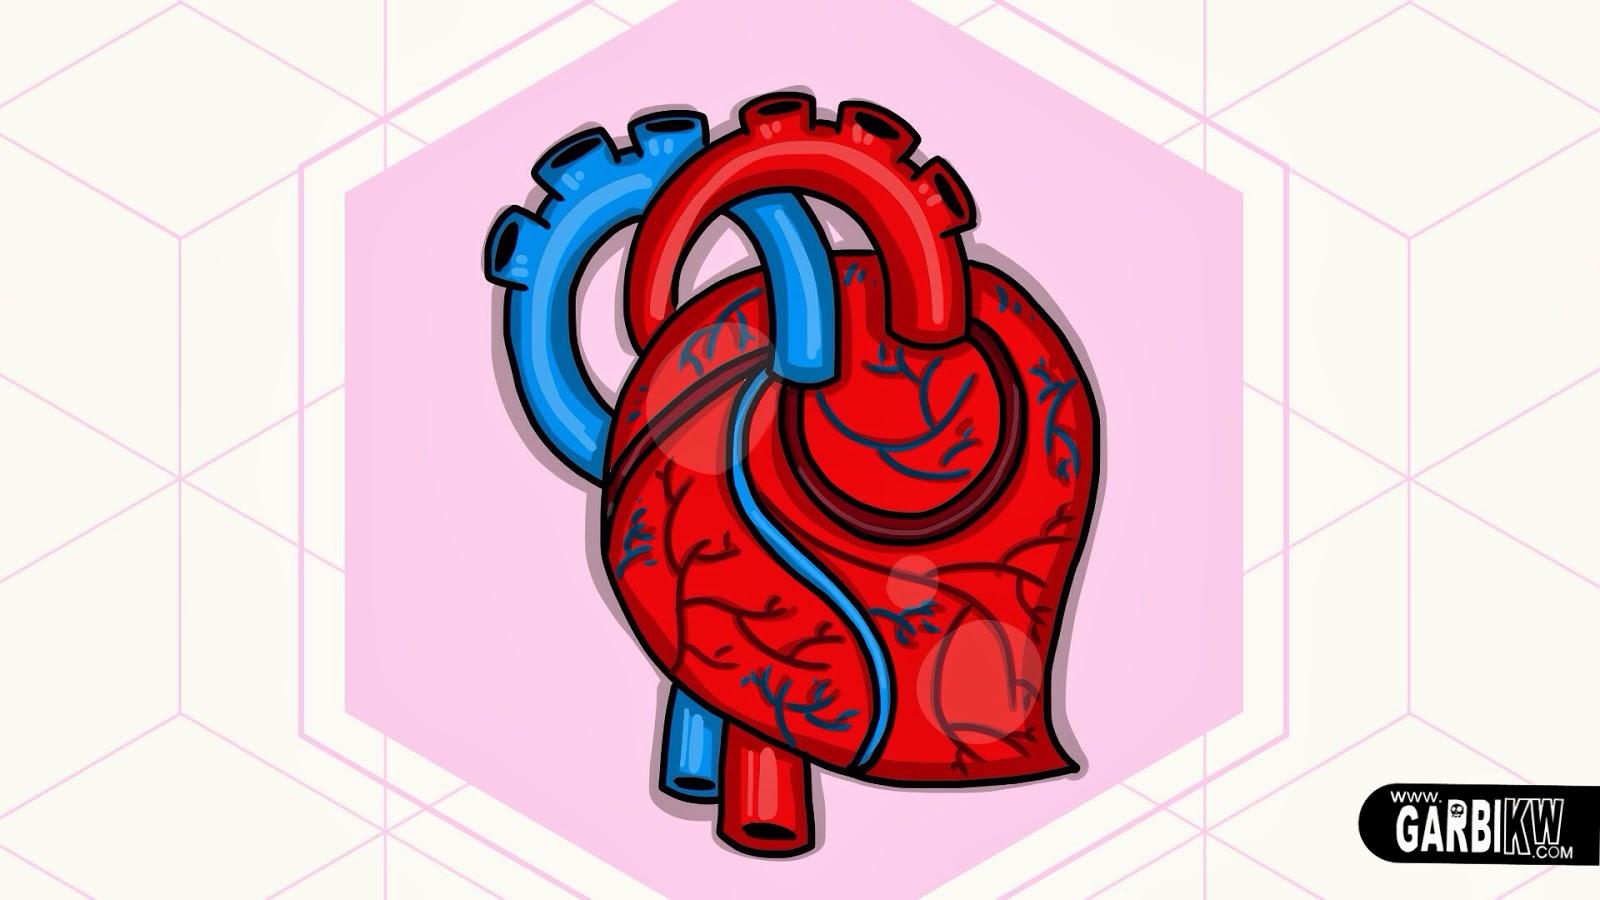 Imagenes De Corazones Dibujos - Corazones: Imágenes de corazones dibujos de corazones